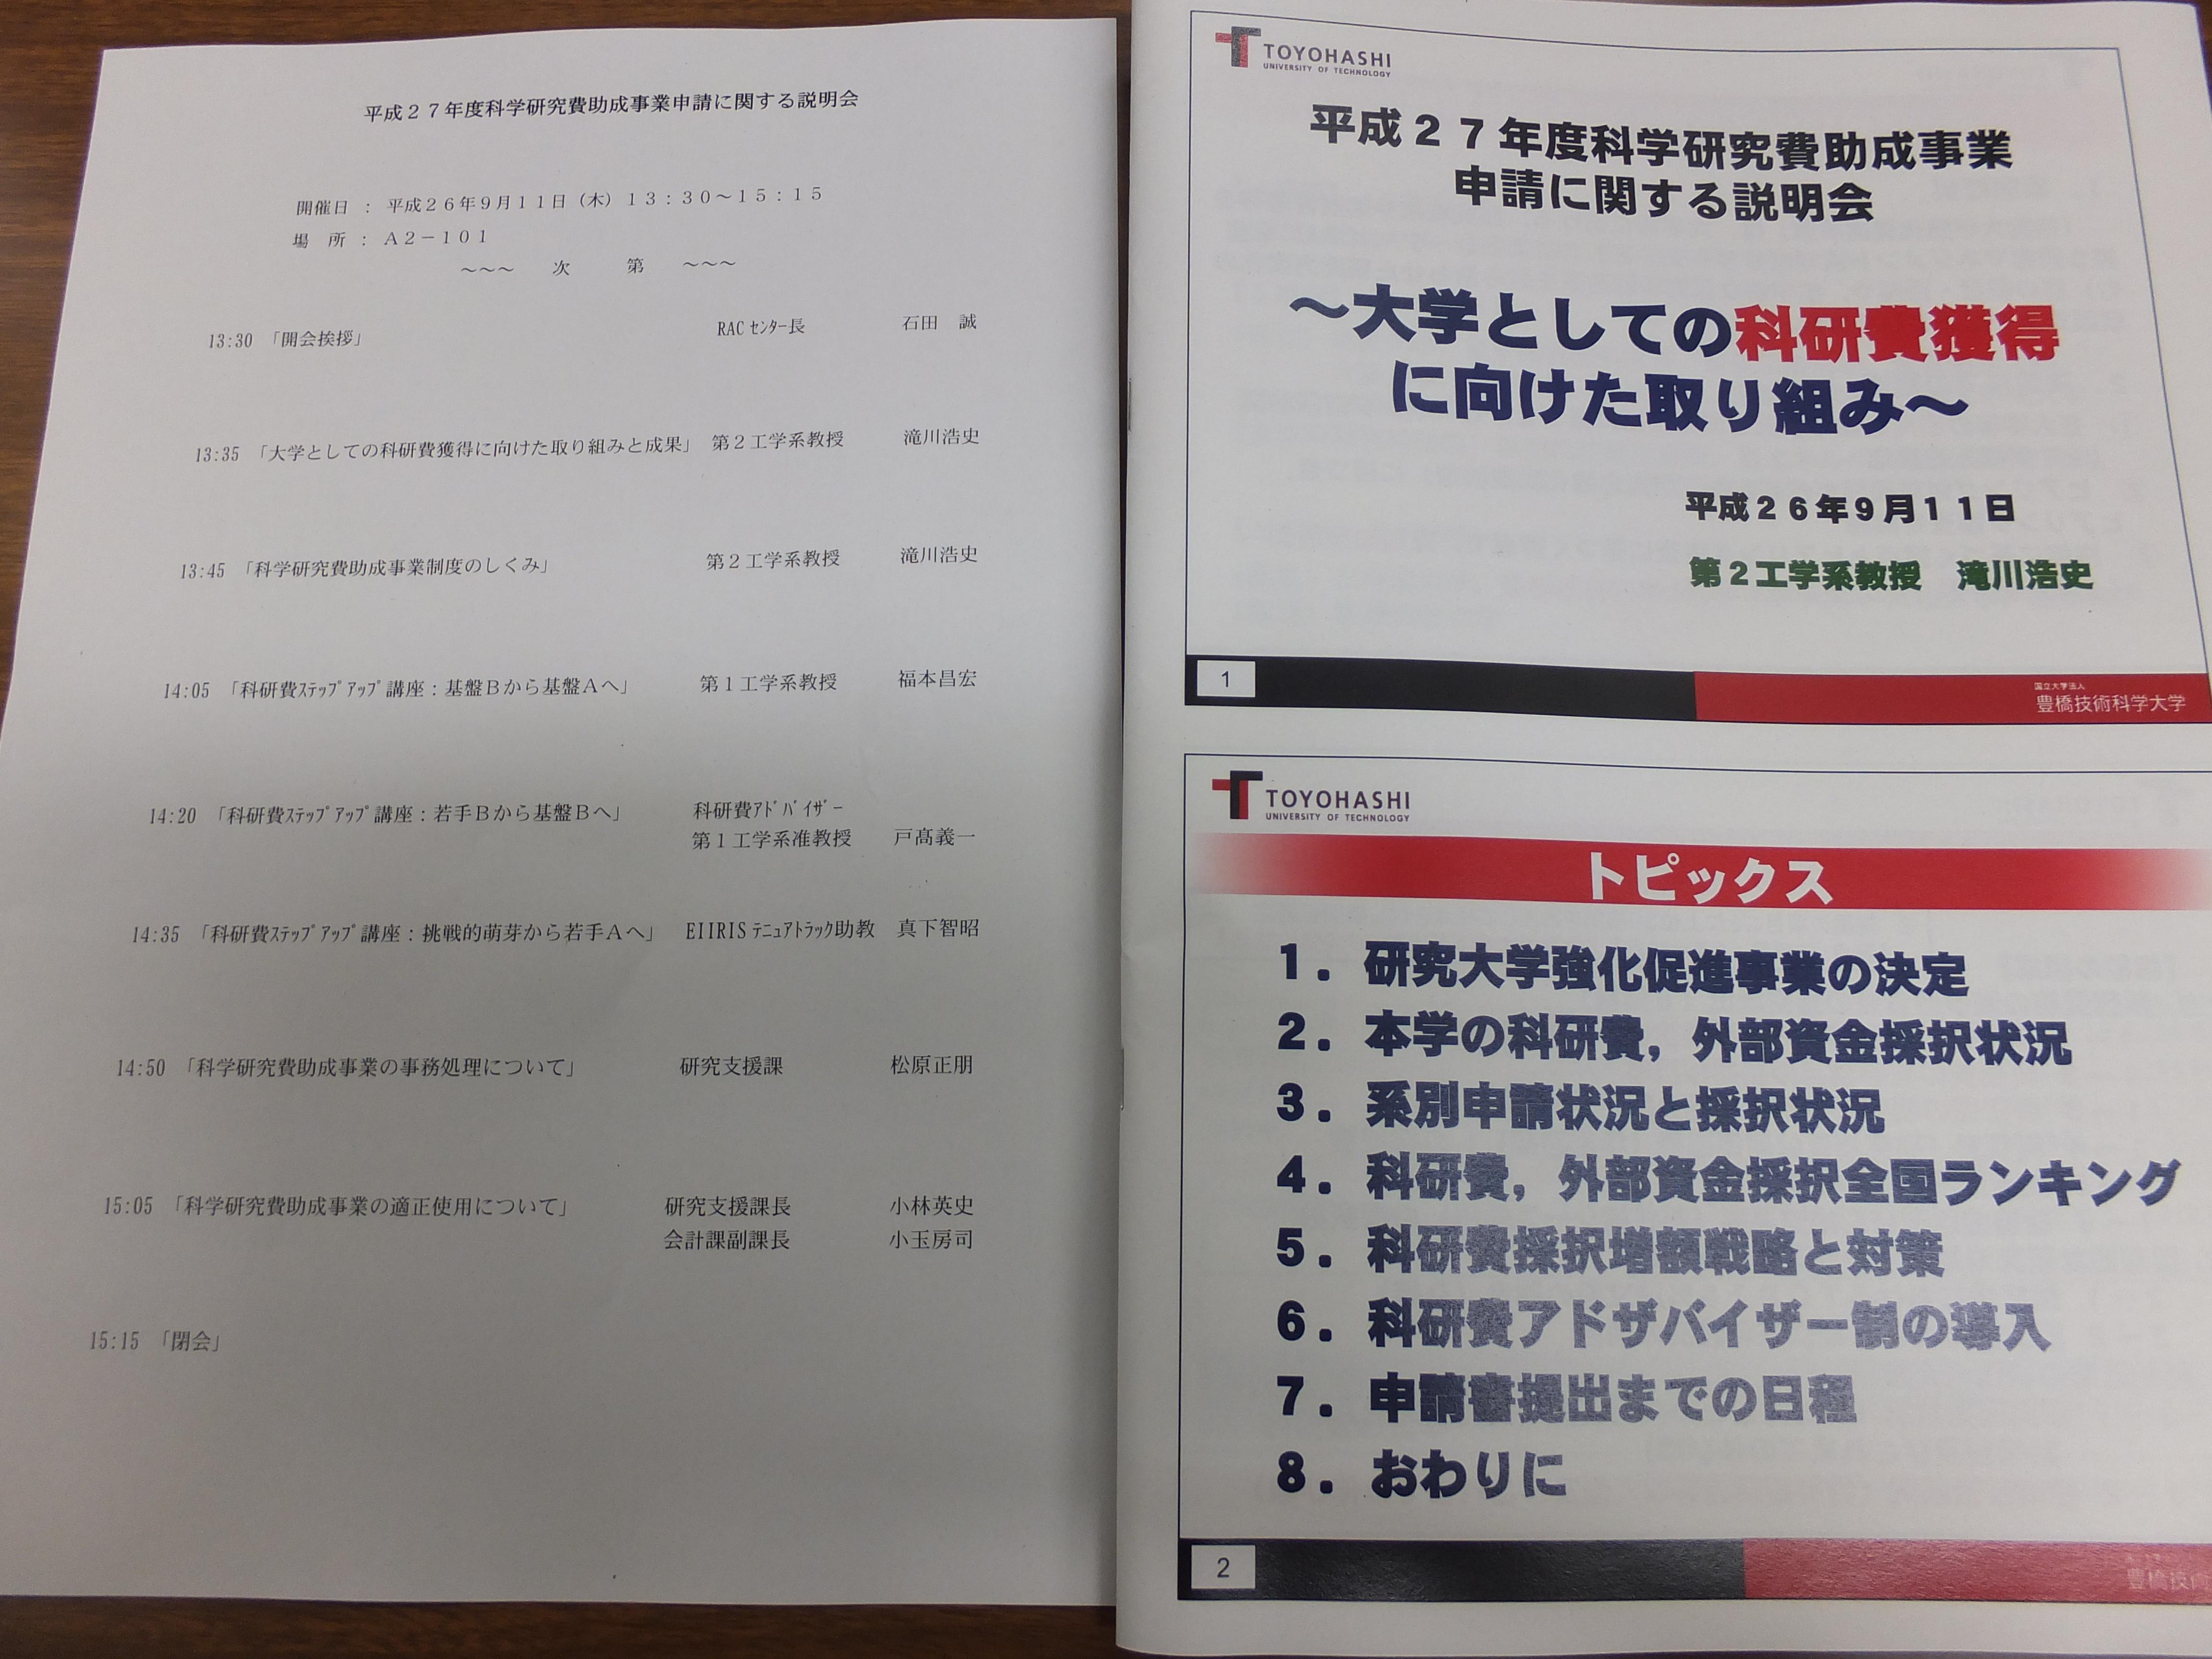 DSCF0696.JPG